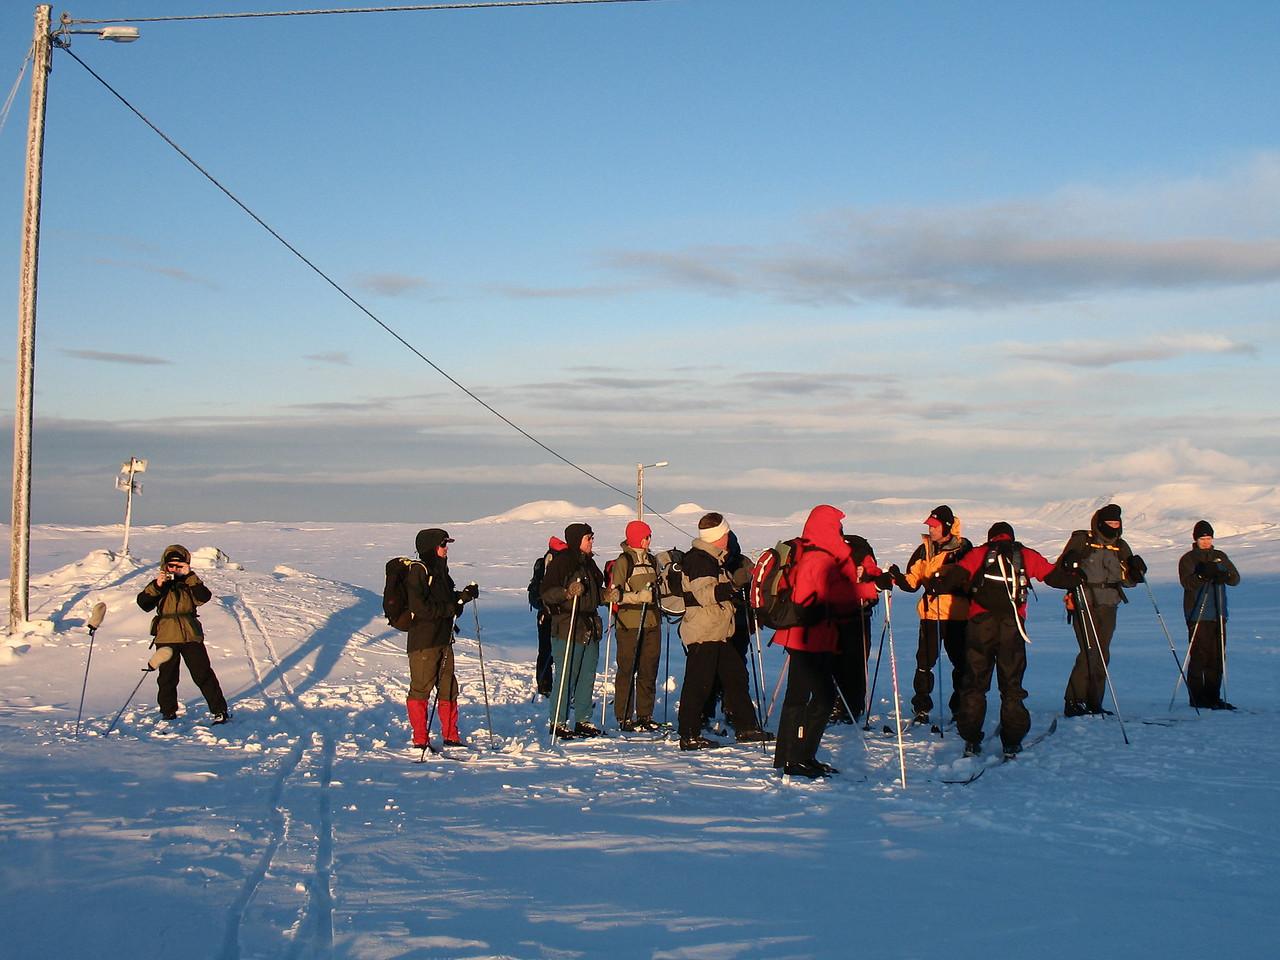 Fyrsta stopp var gert við ljósastaurinn þar sem gönguskíðabrautin beygir austure með fjöllunum.